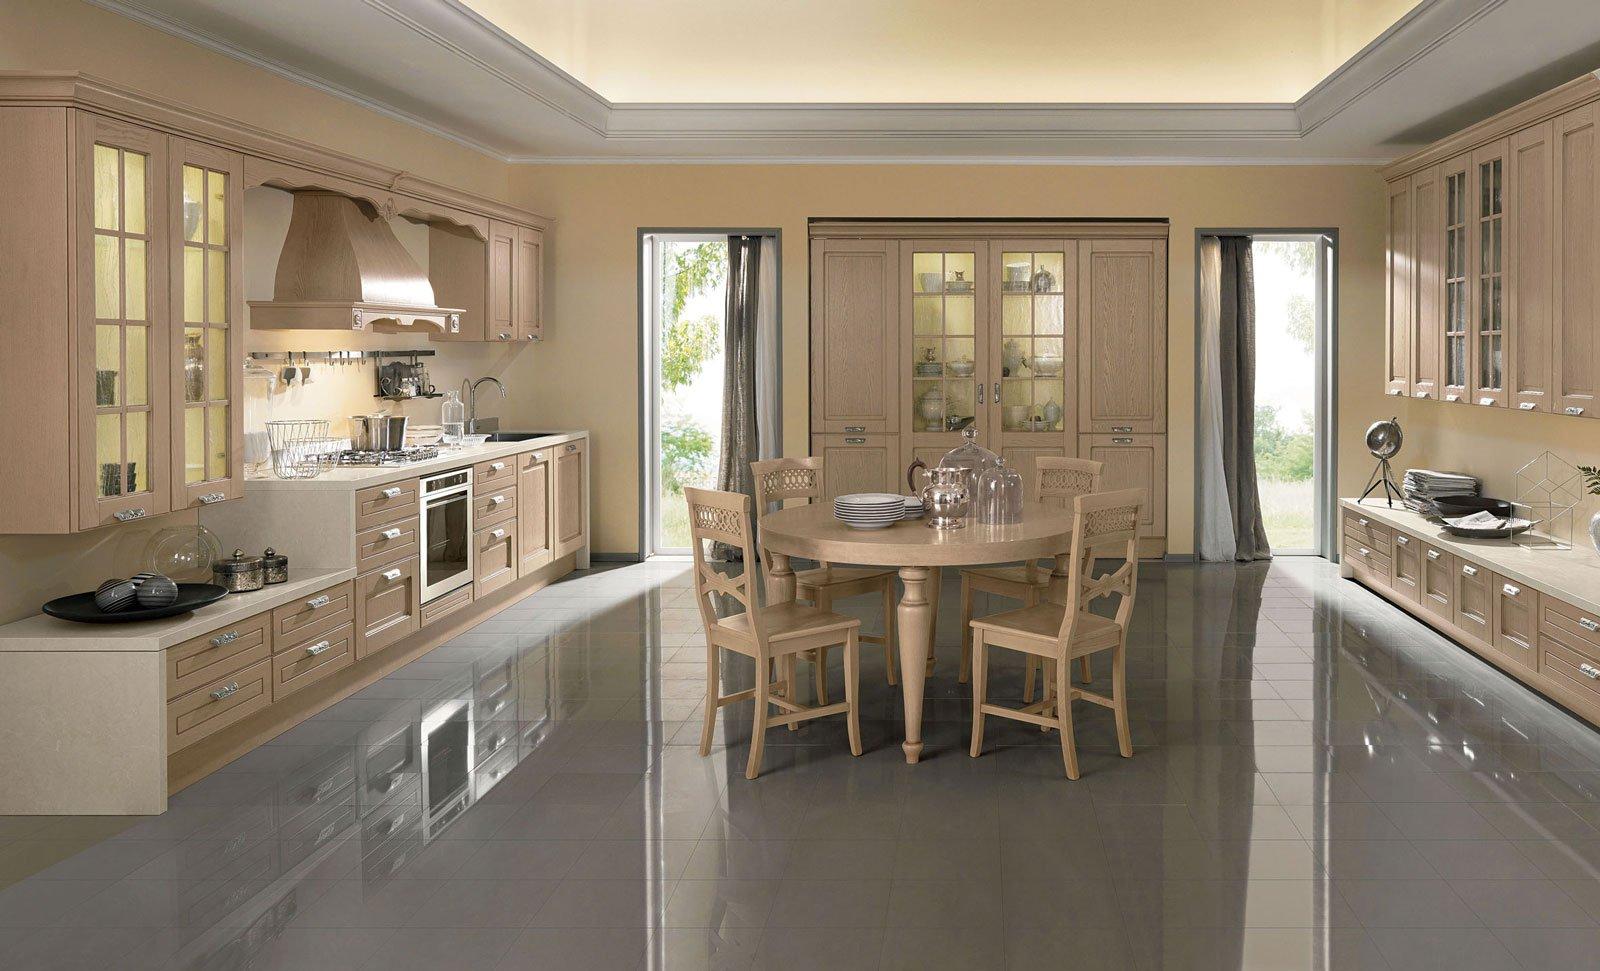 Cucine Classiche In Legno O Laccate #877244 1600 971 Immagini Di Cucine Bianche Moderne